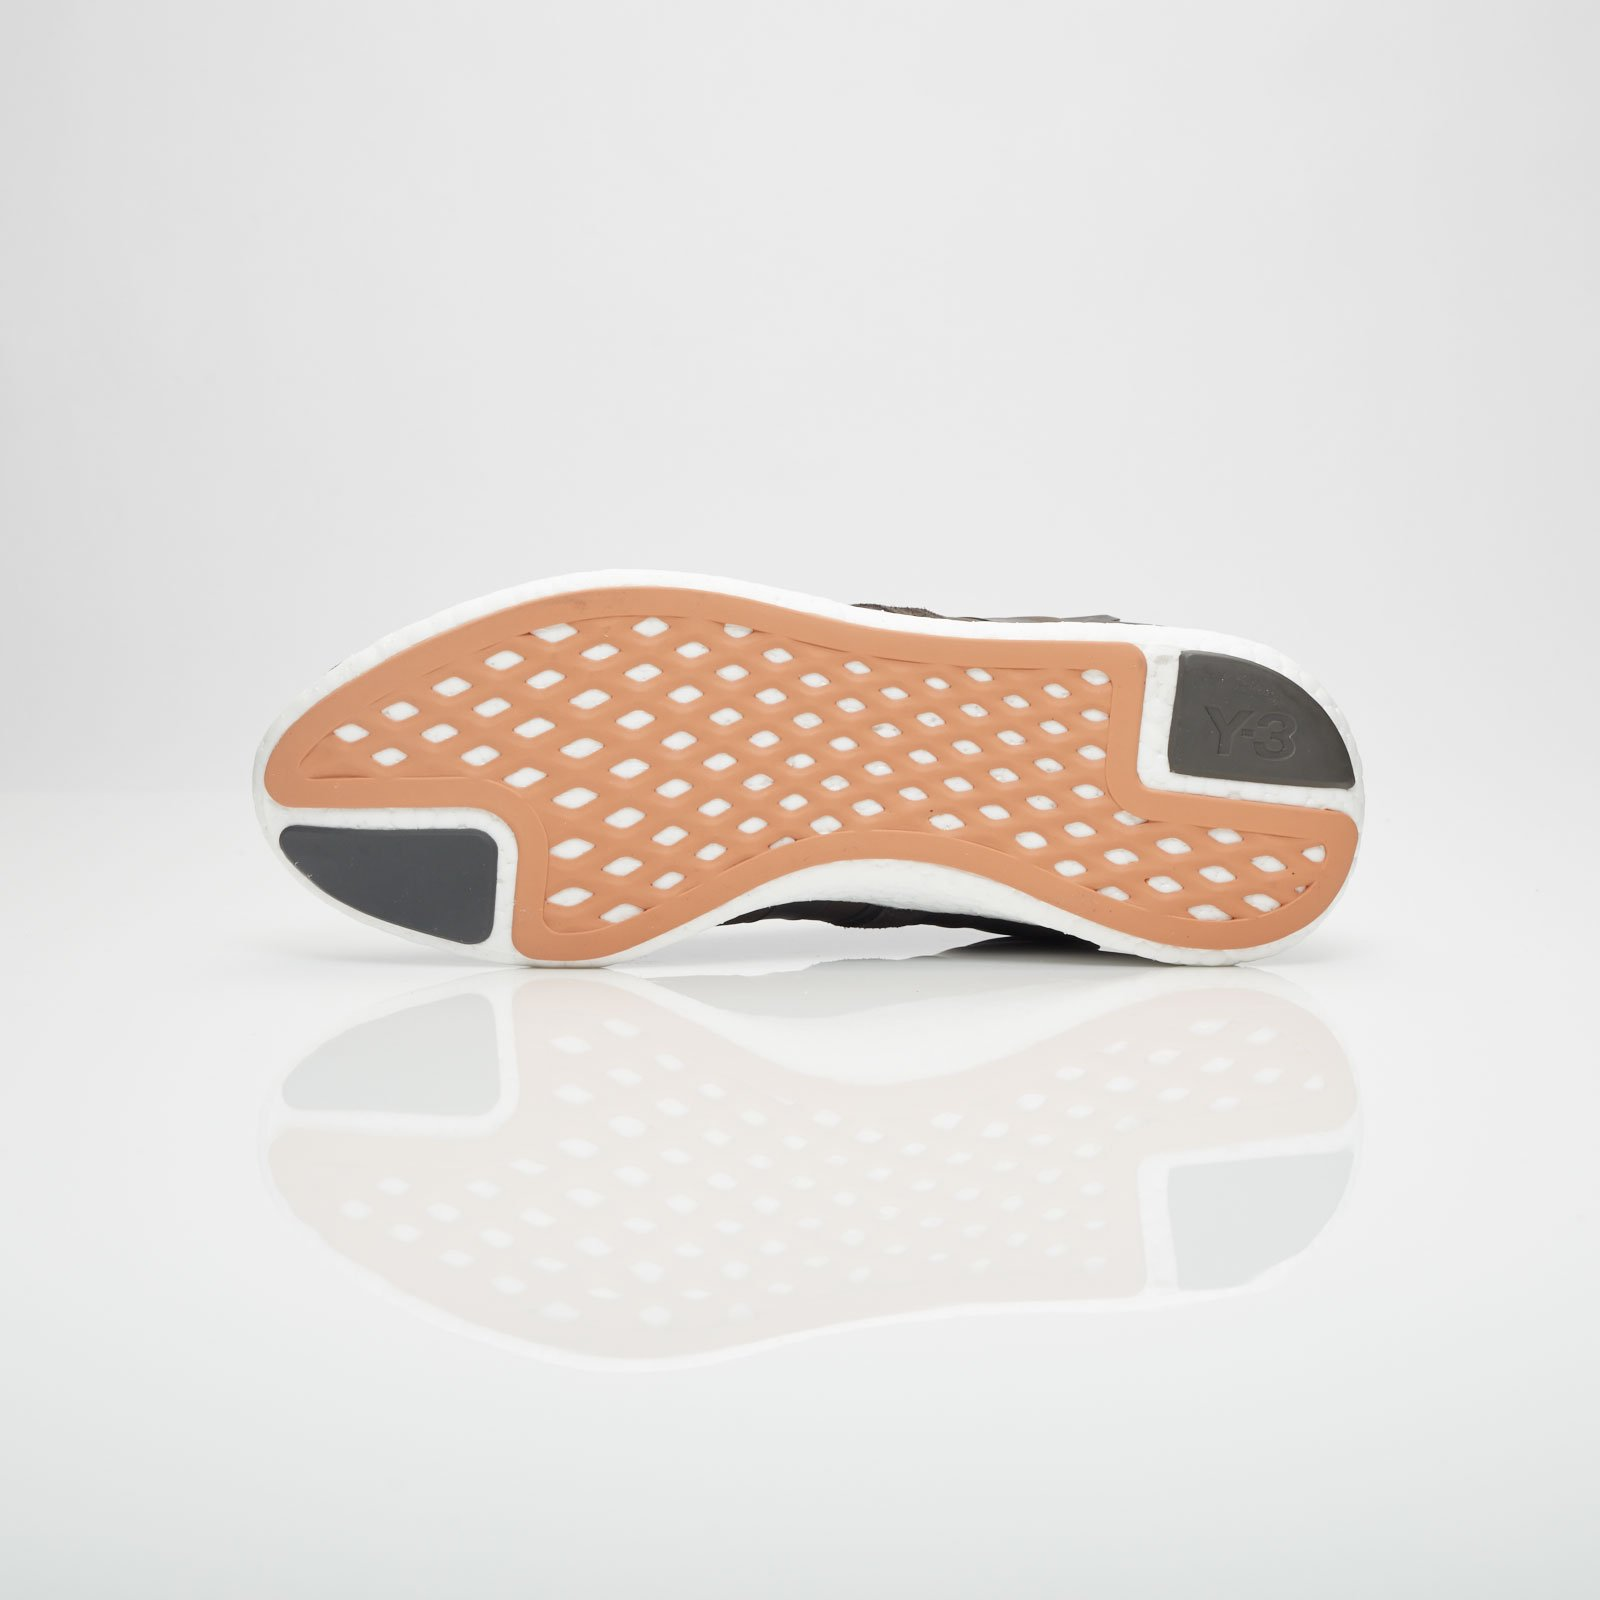 c8d0b963fabd adidas Yohji Run - Cg3211 - Sneakersnstuff